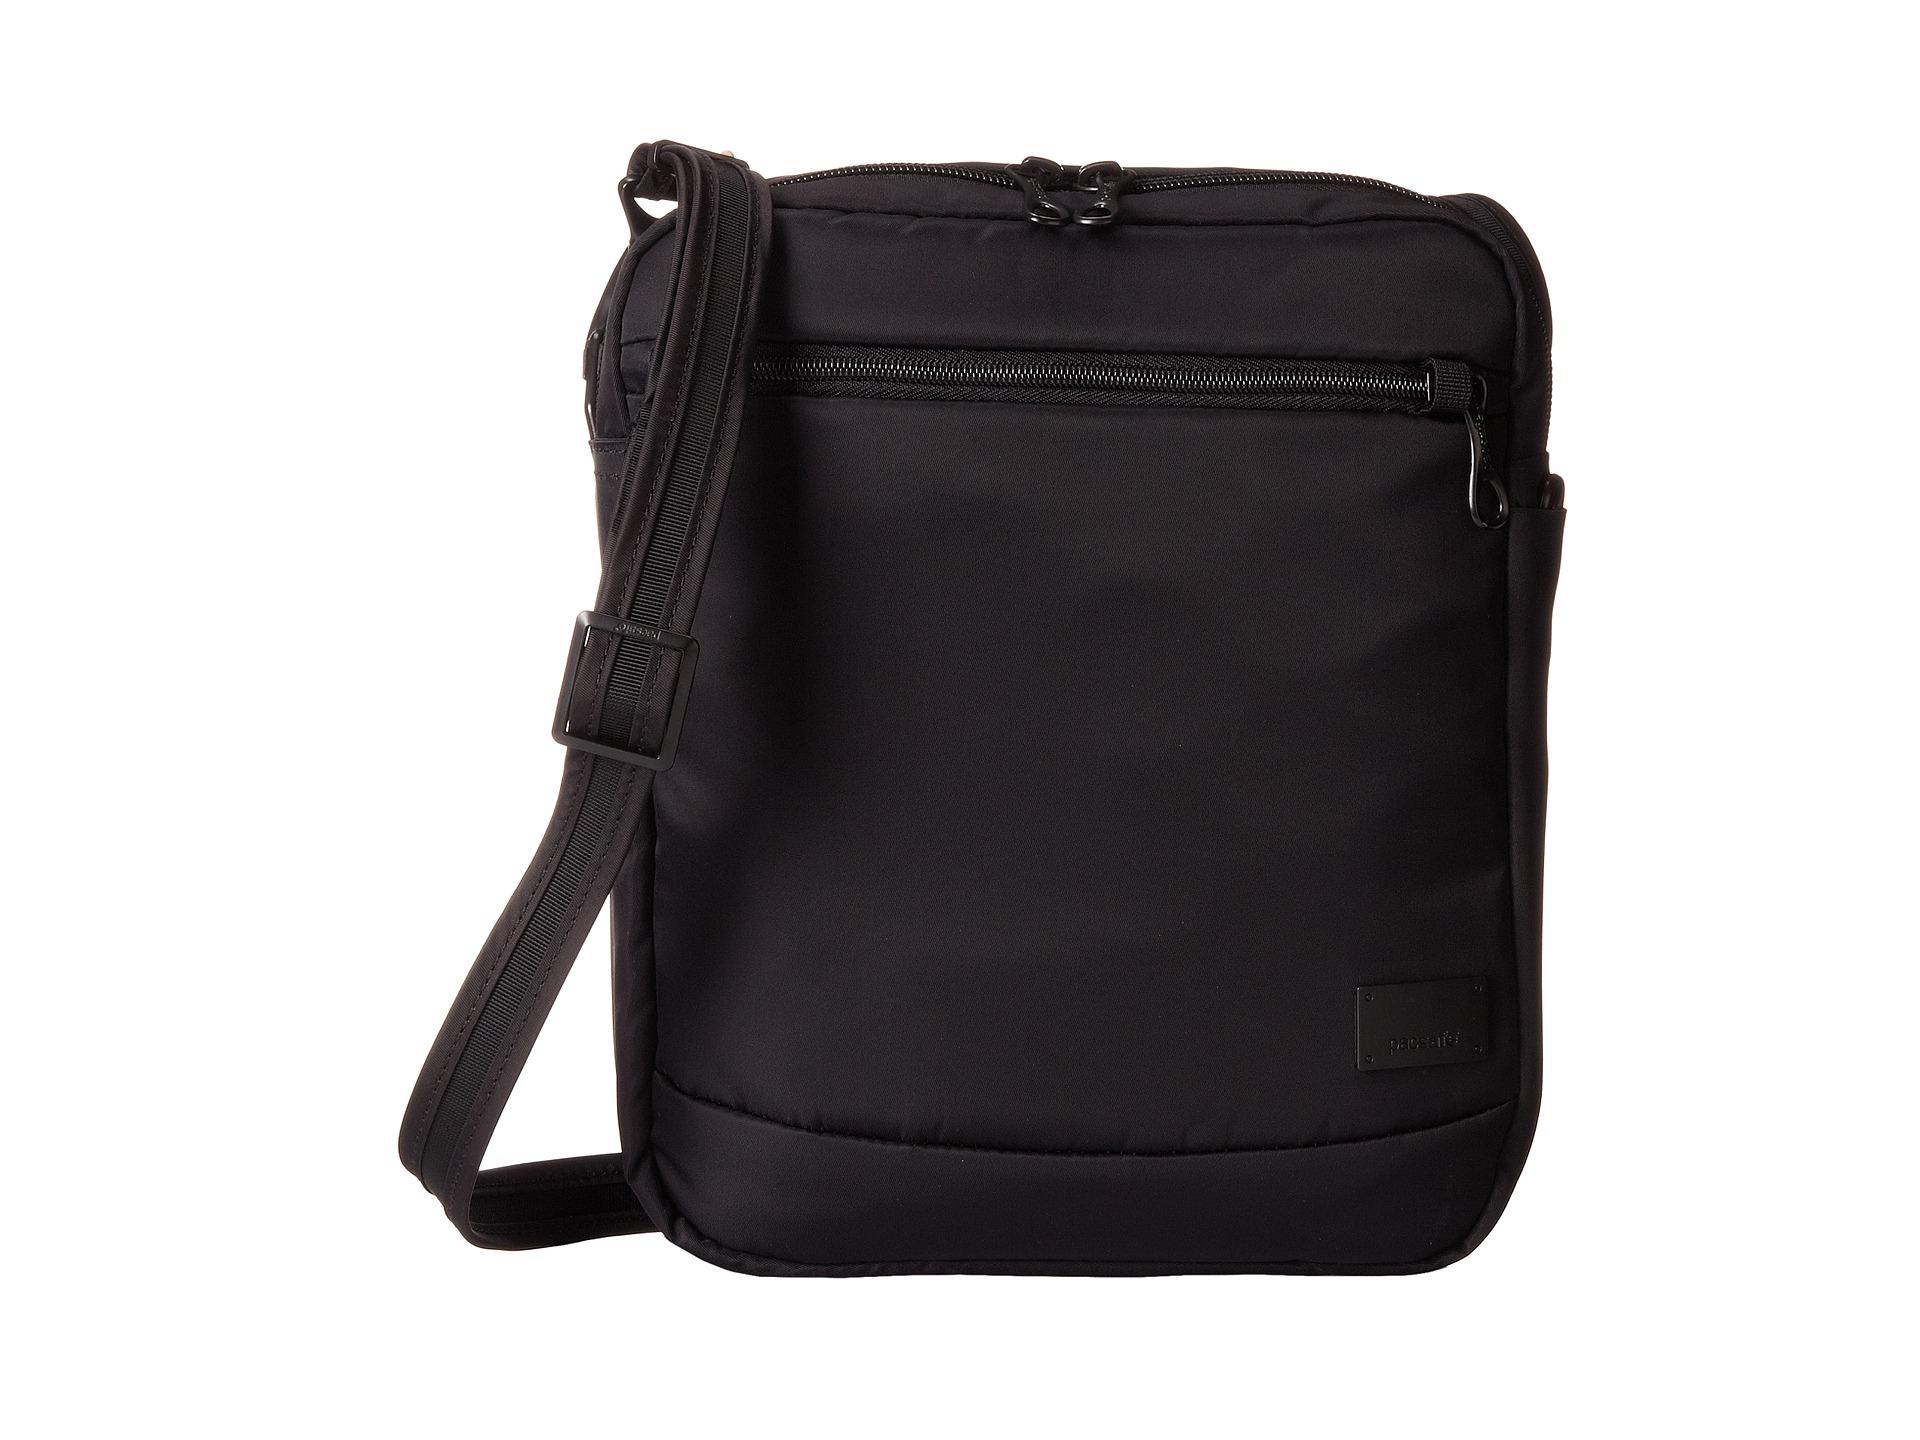 Pacsafe Citysafe CS150 Anti-Theft Crossbody Shoulder Bag ...